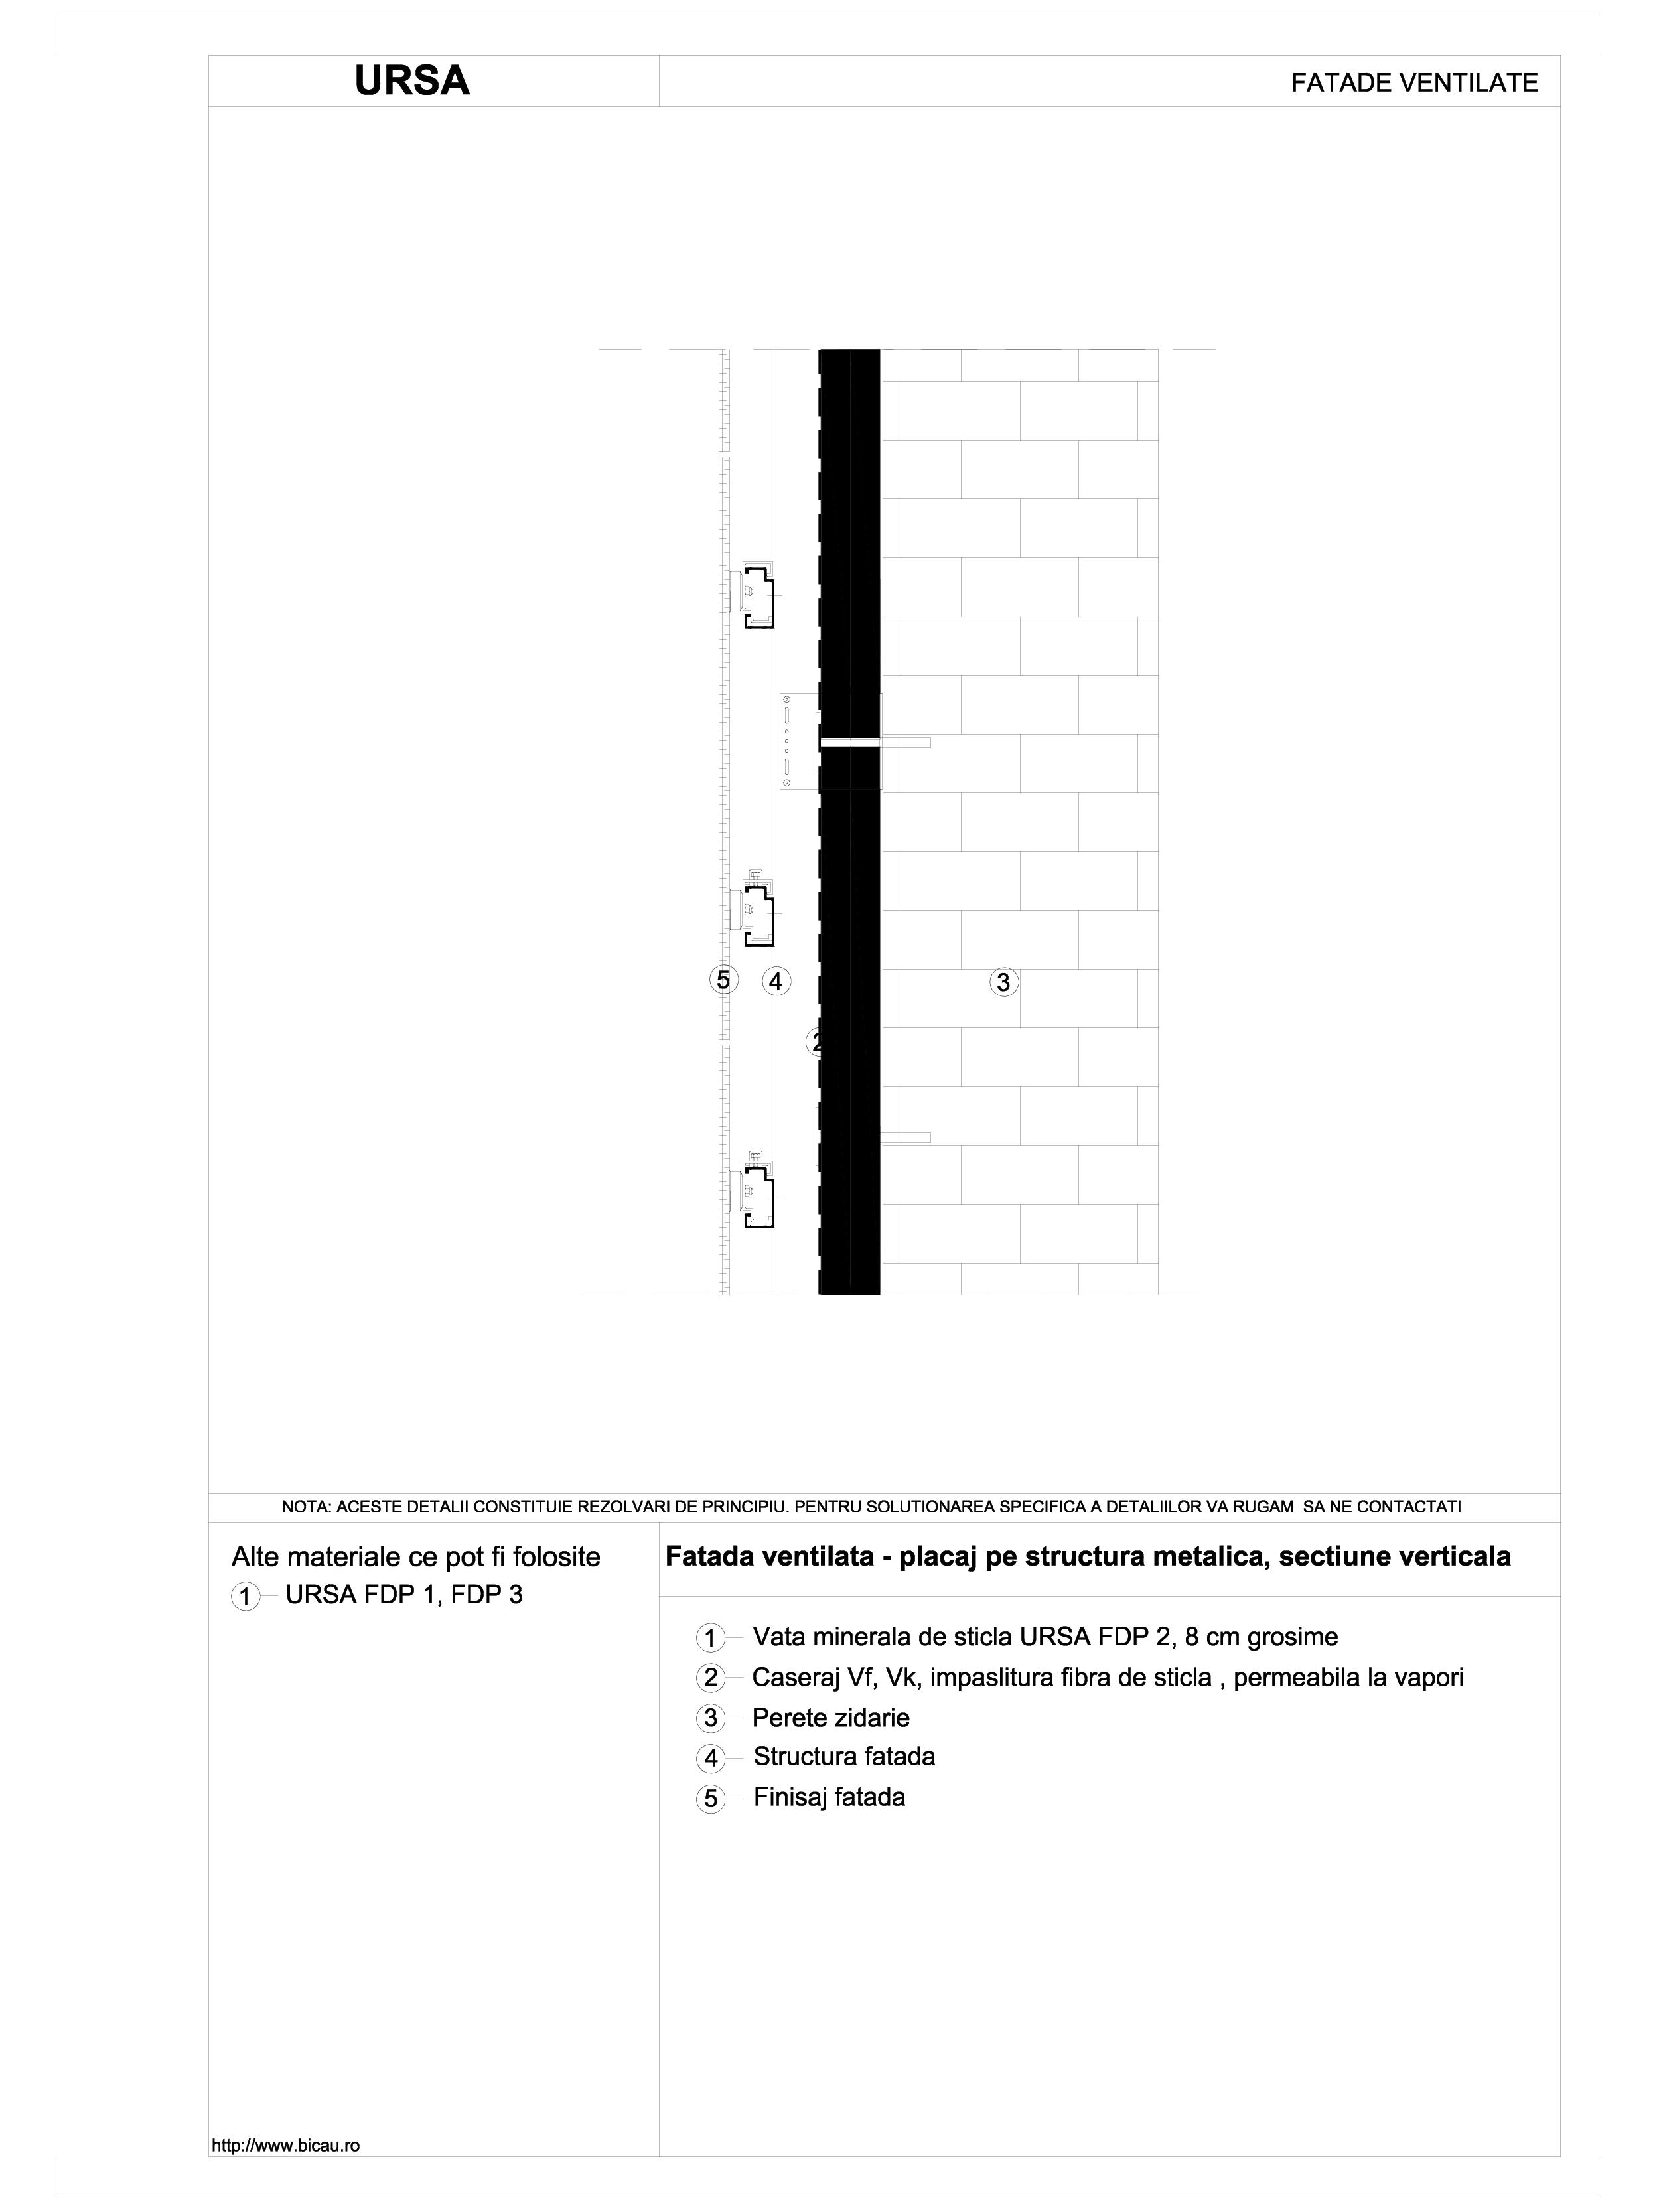 Fatada ventilata - placaj pe structura metalica, sectiune verticala URSA Vata minerala de sticla pentru fatade ventilate URSA ROMANIA   - Pagina 1